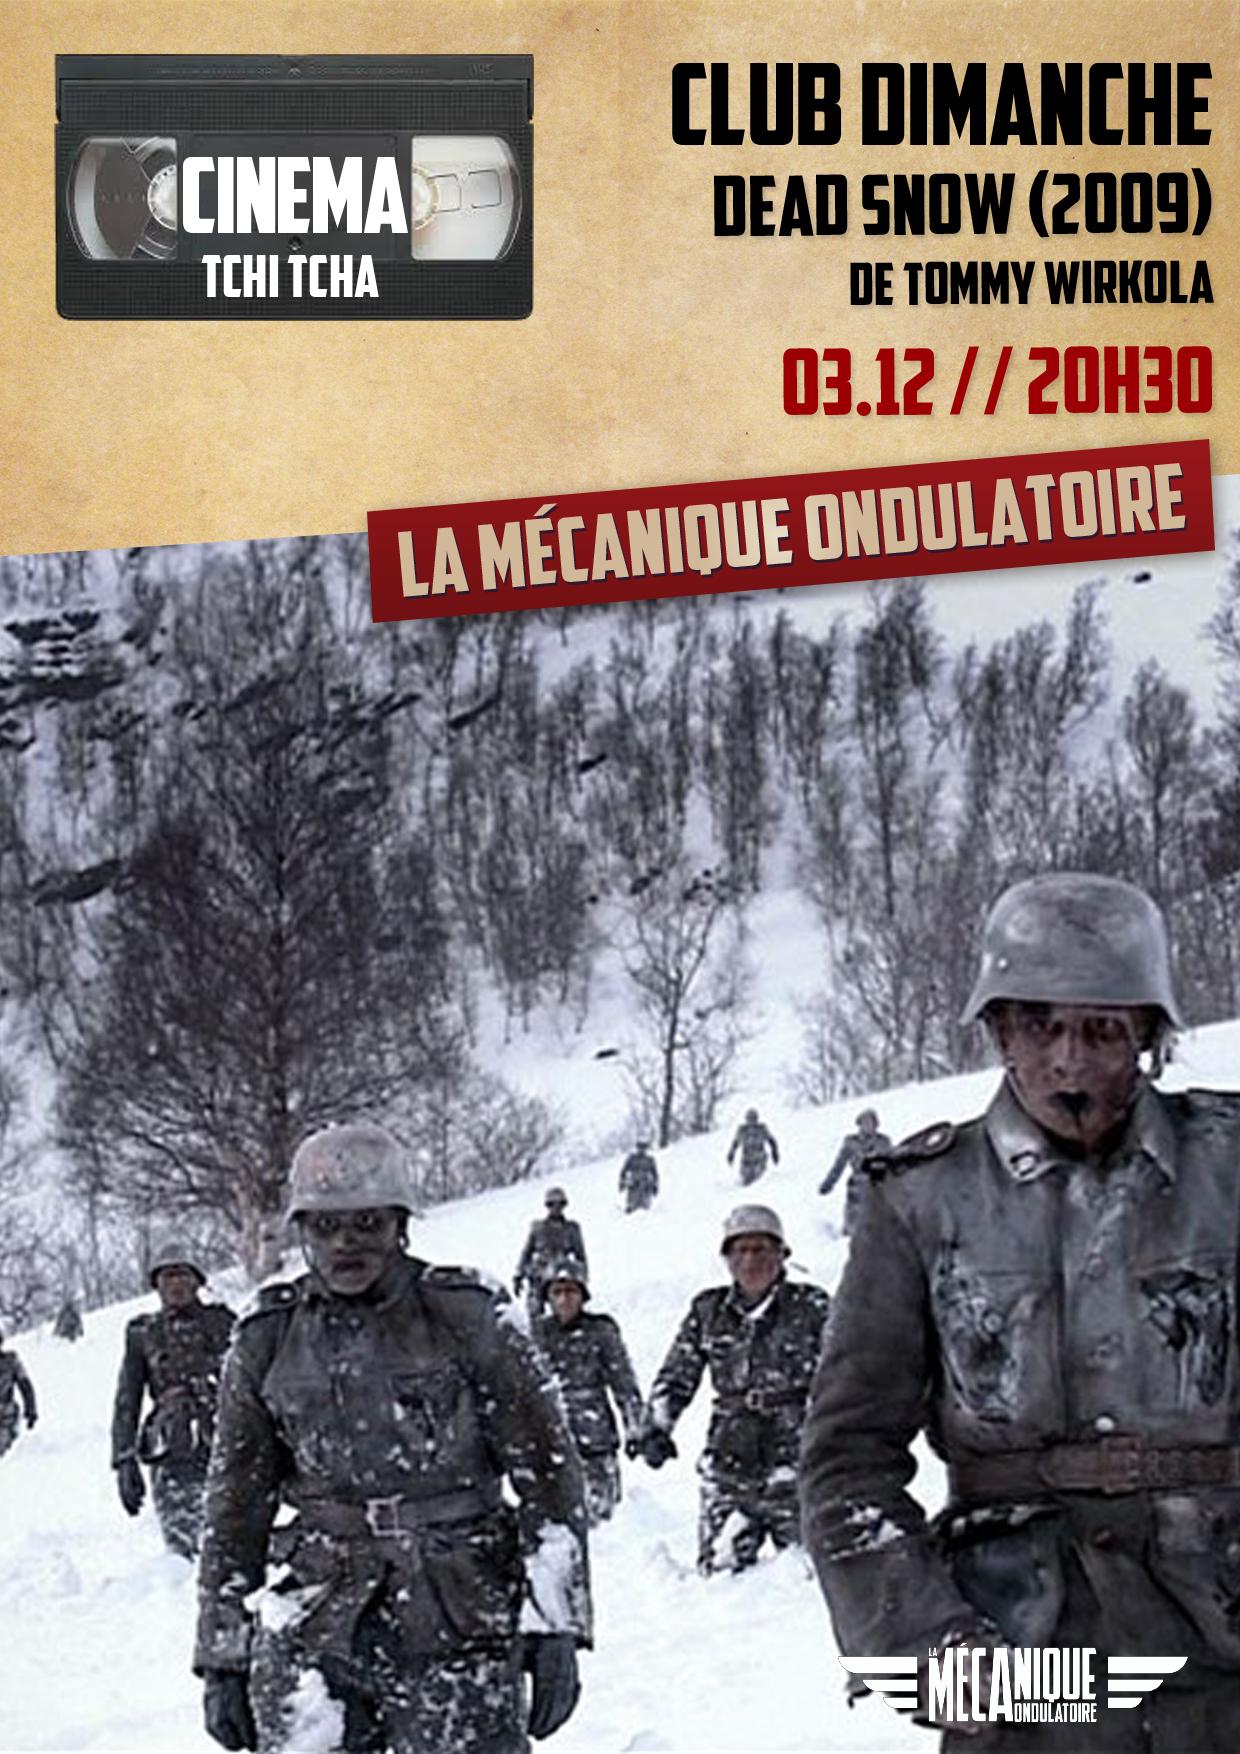 CLUB DIMANCHE présente DEAD SNOW // 03.12